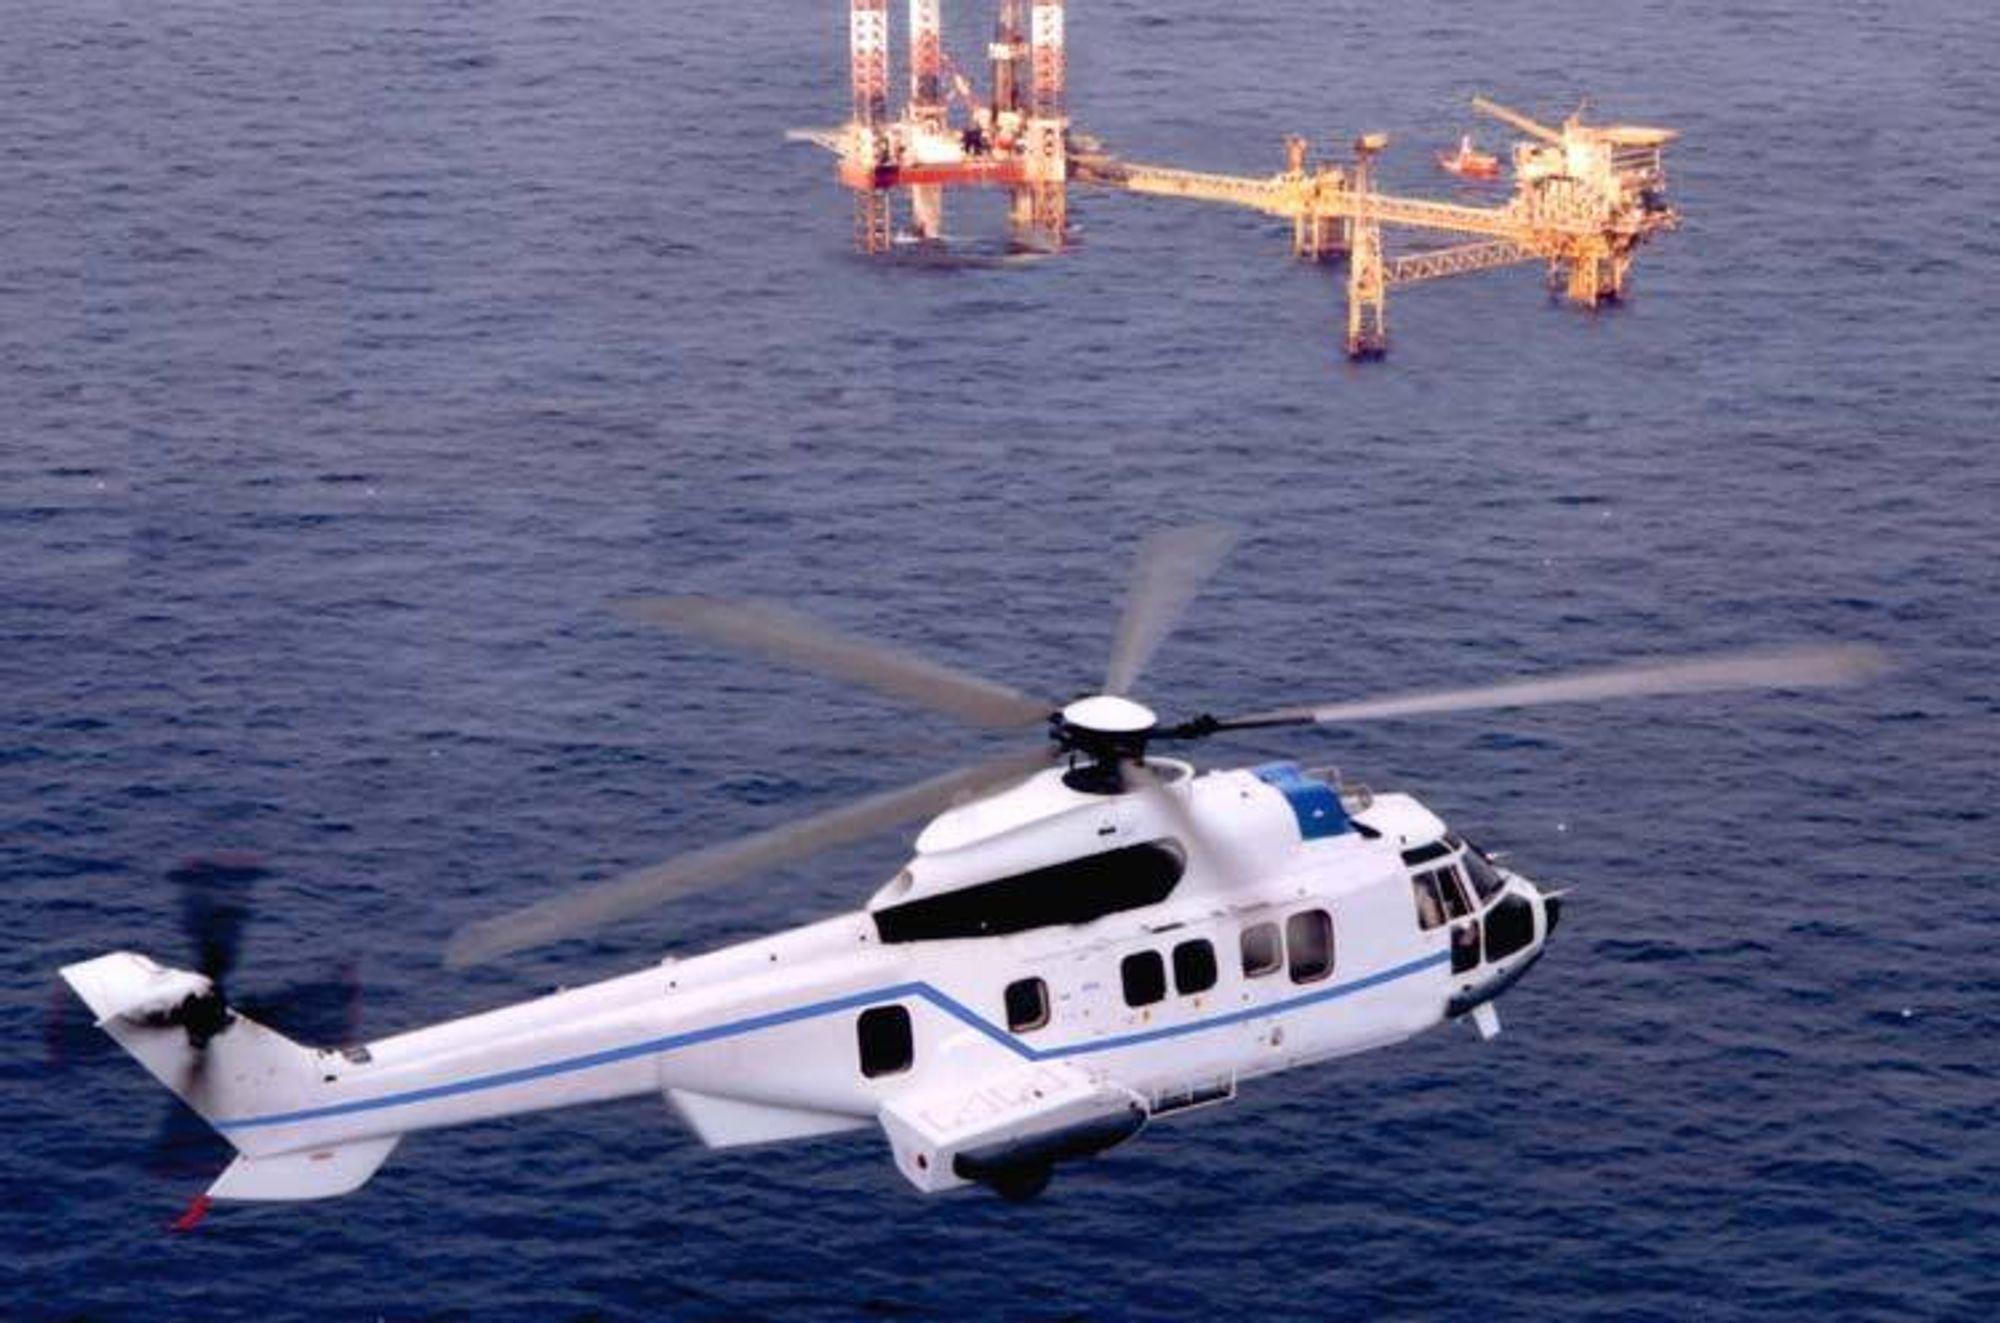 FEIL MED DRIVSTOFFTILFØRSELEN: Et helikopter av denne typen, EC 225, måtte foreta en kontrollert nødlanding på Jæren lørdag.